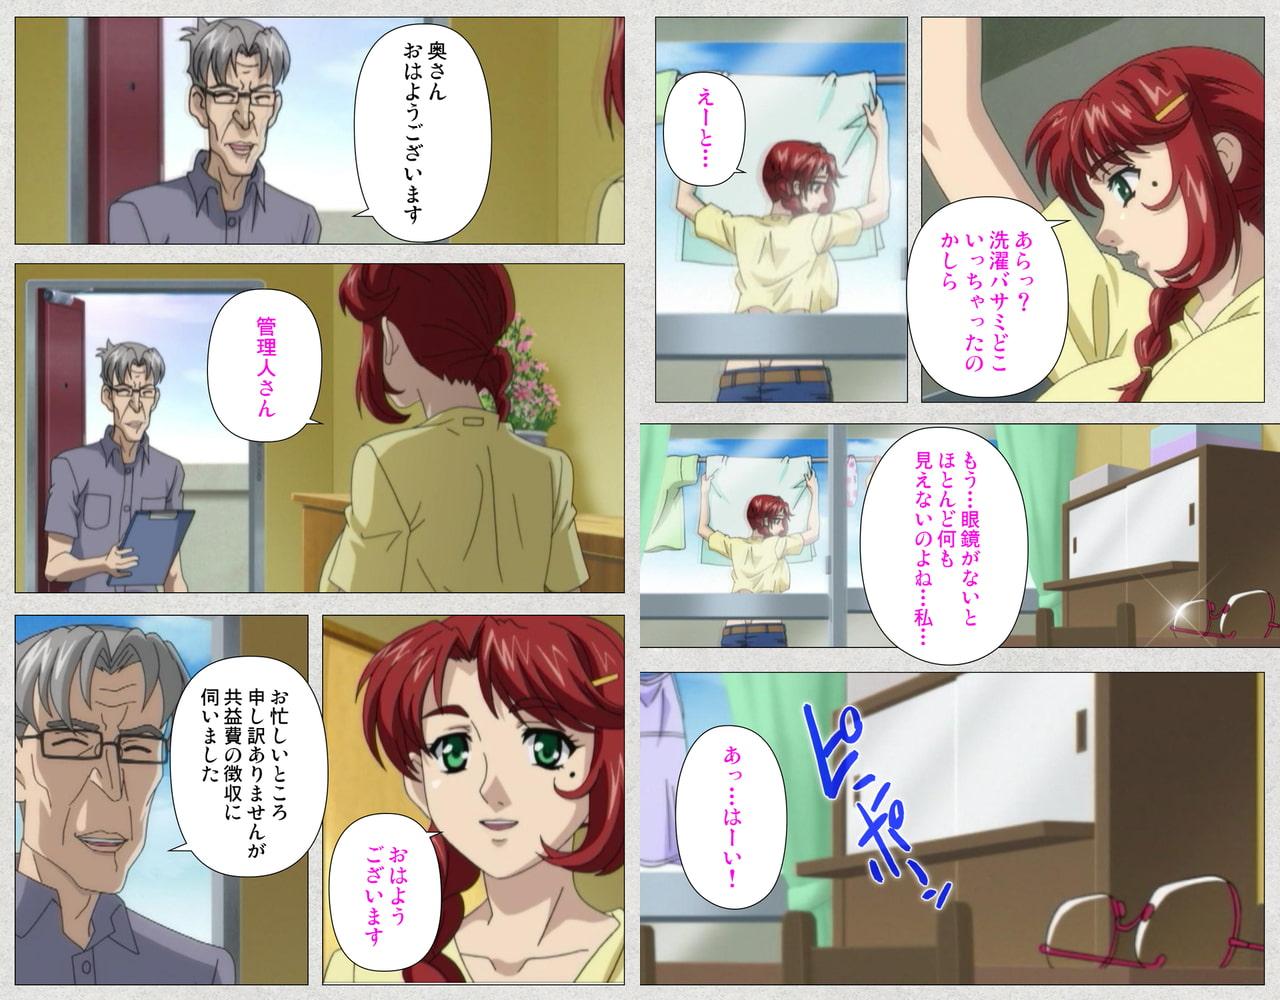 【フルカラー成人版】爆乳BOMB #2 美人妻 椎名美咲 昼間の団地は秘密がいっぱい。